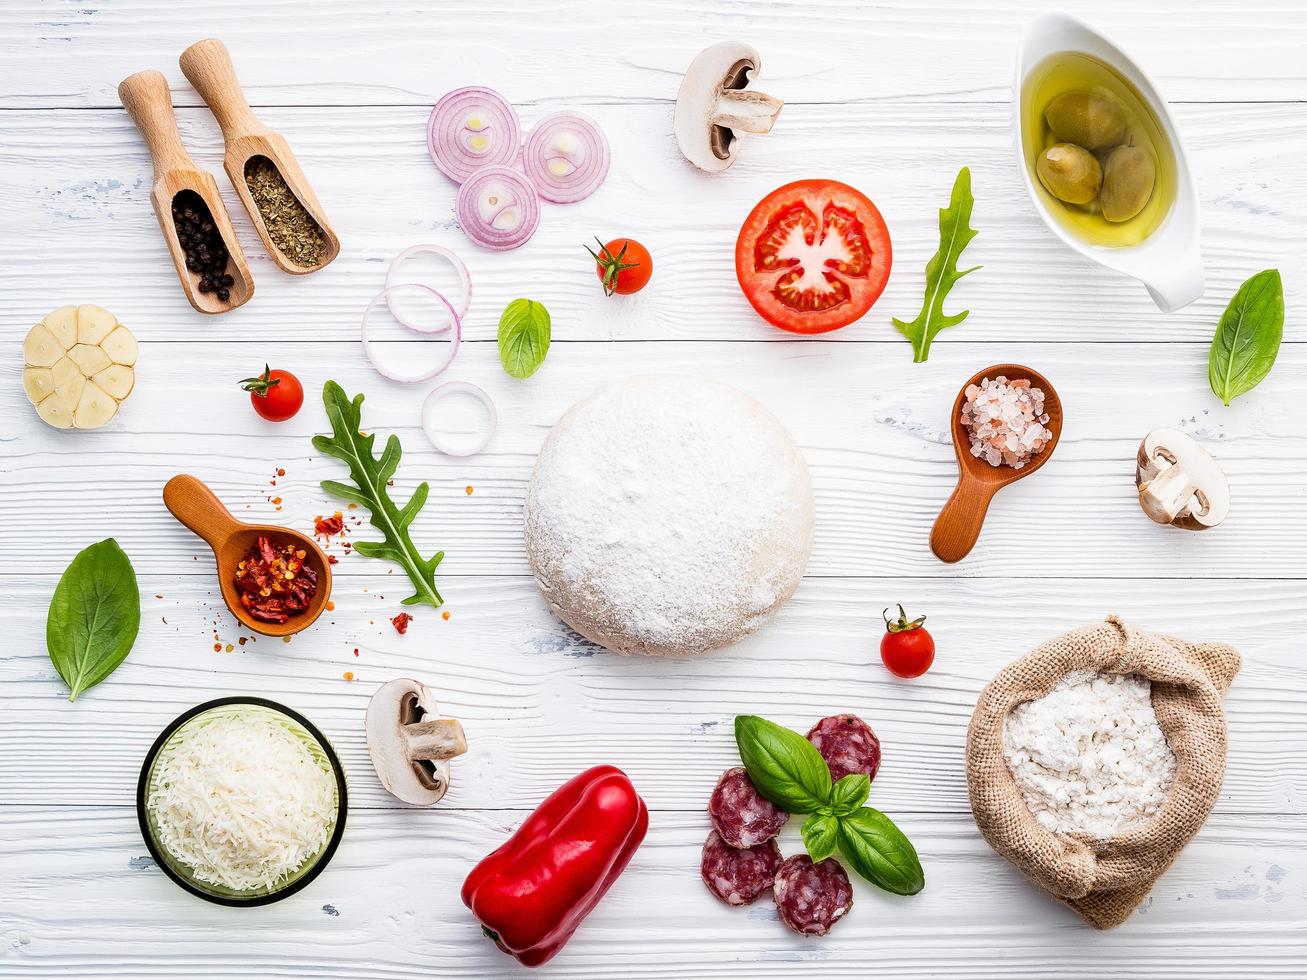 pizzadeeg en ingrediënten op een armoedige witte achtergrond foto